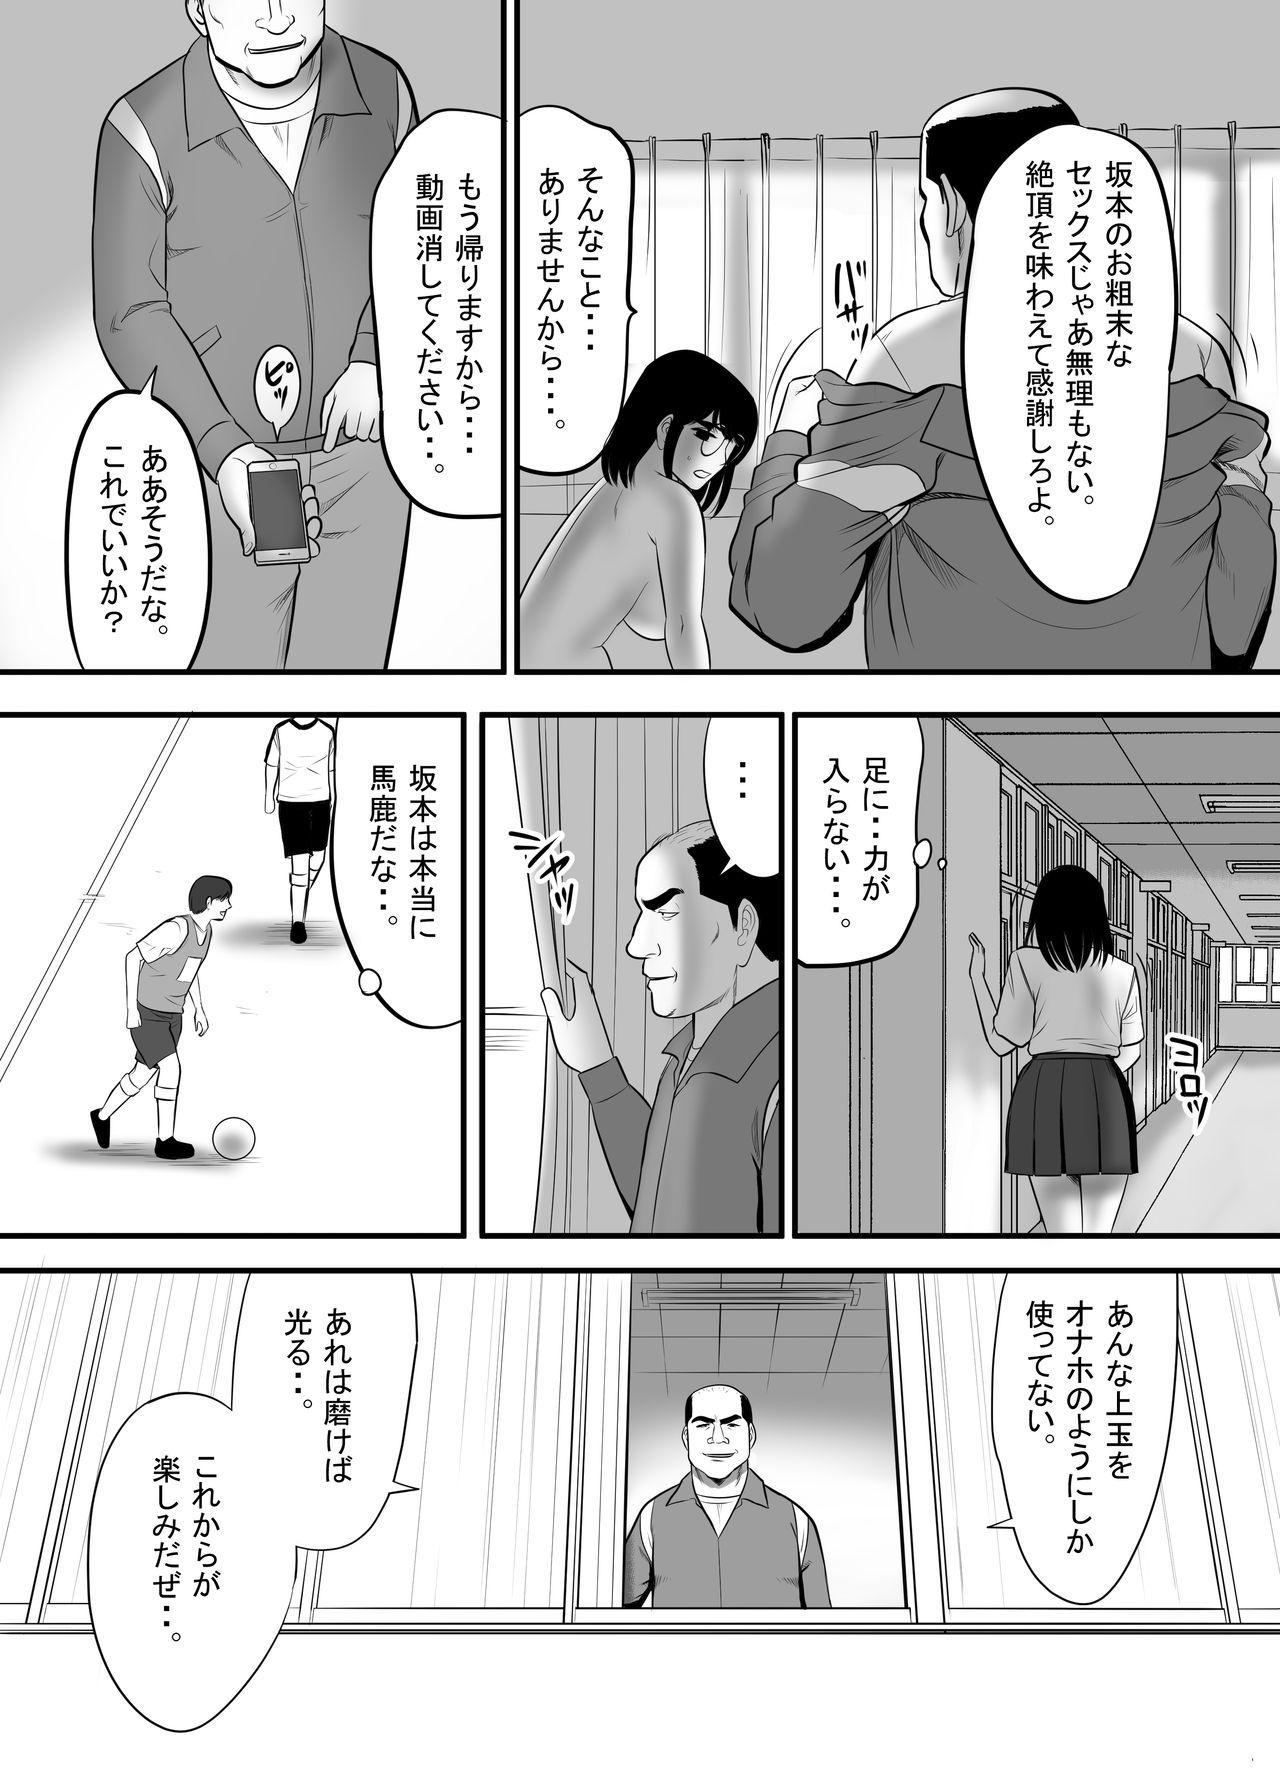 Namaiki na Danshi Seito ga Ita node Juujun na Kanojo o Kawari ni Otoshite yatta 25